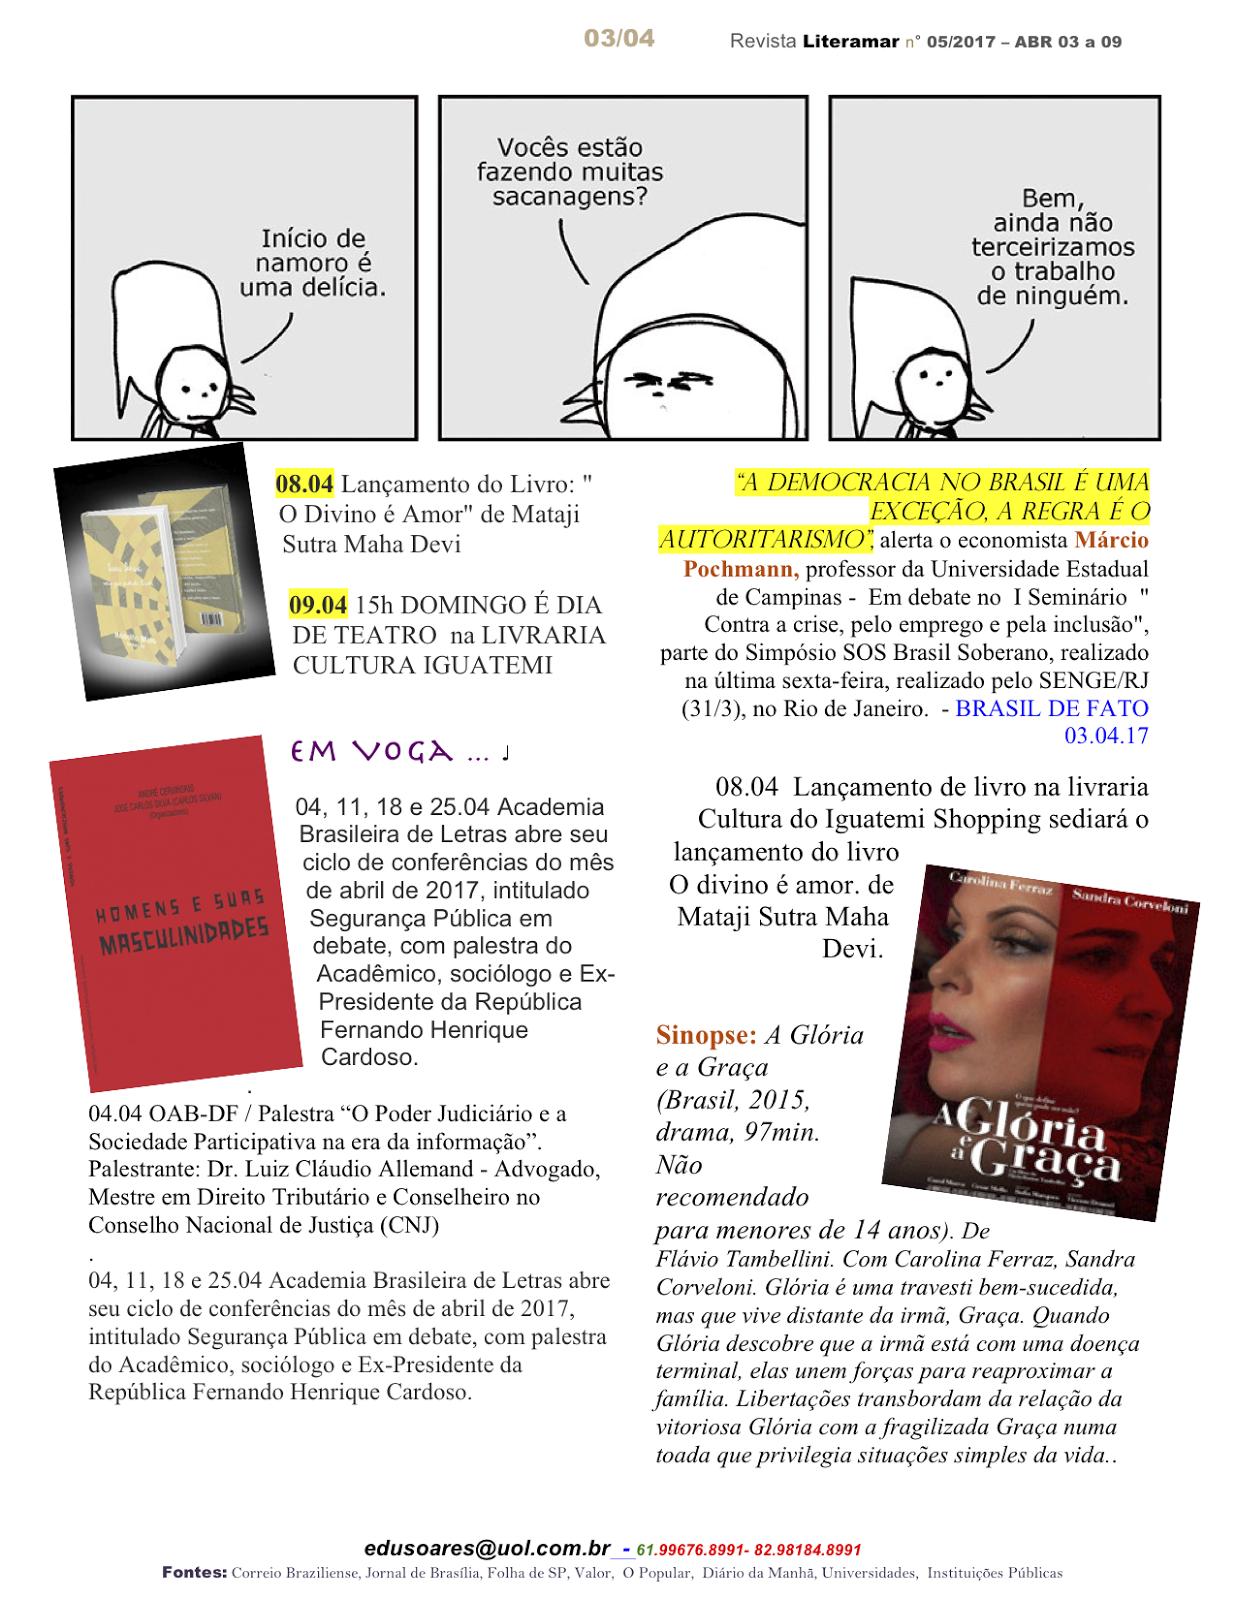 Revista Literamar 3/4, um encontro cultural em DF, GO e AL